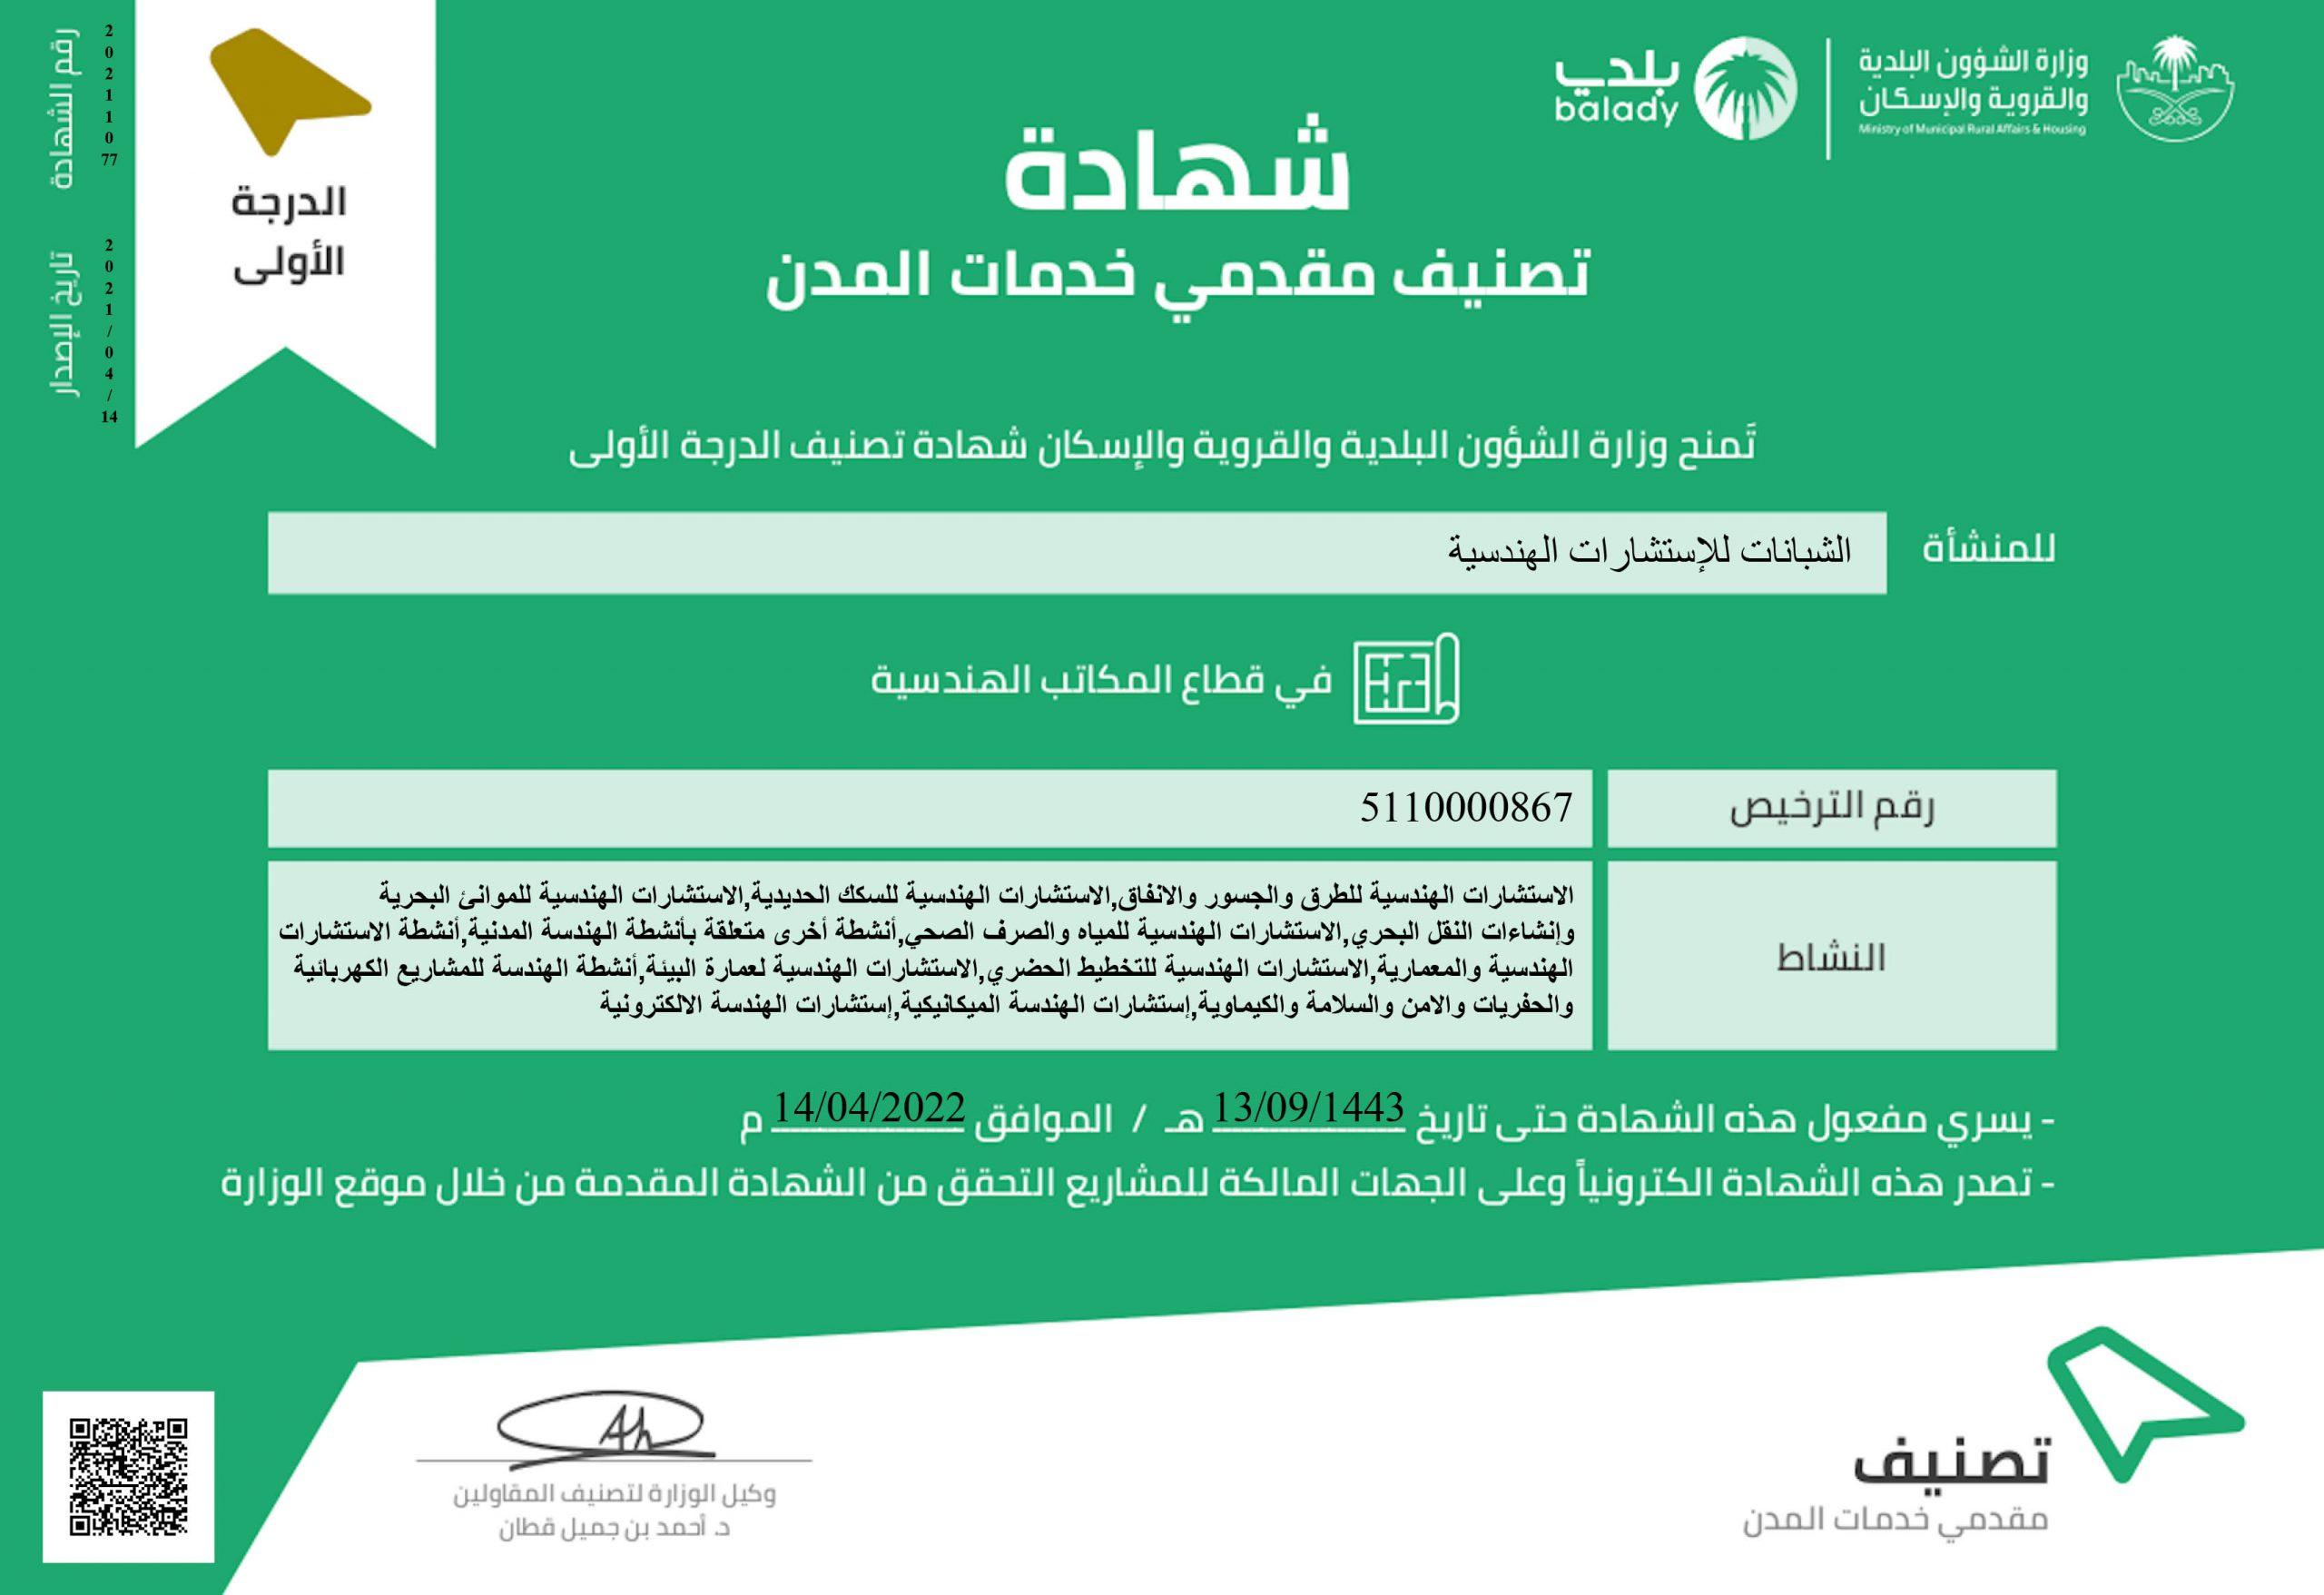 شهادة تصنيف مقدمي خدمات المدن الدرجة الأولى